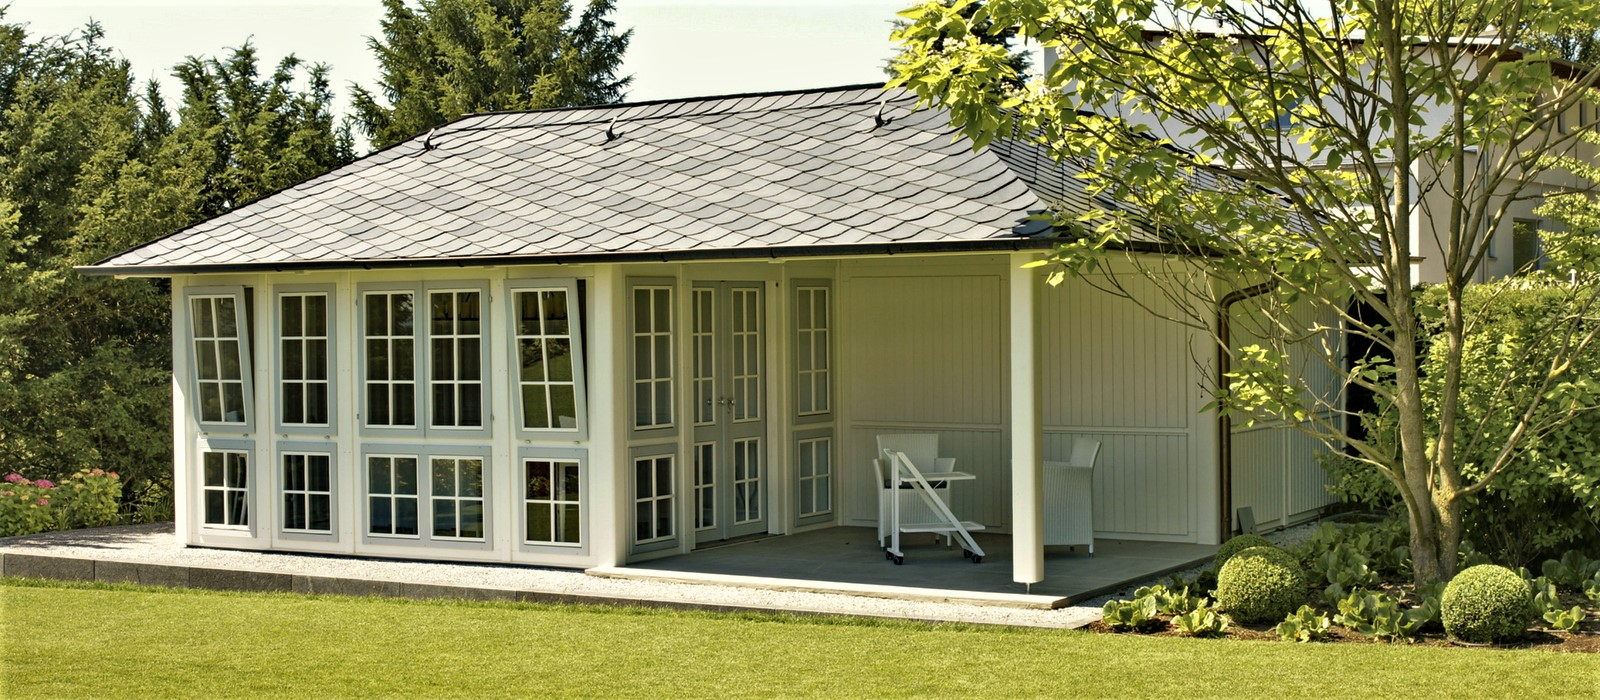 Hochwertige Gartenhauser Aus Holz Gartenpavillons Von Riwo